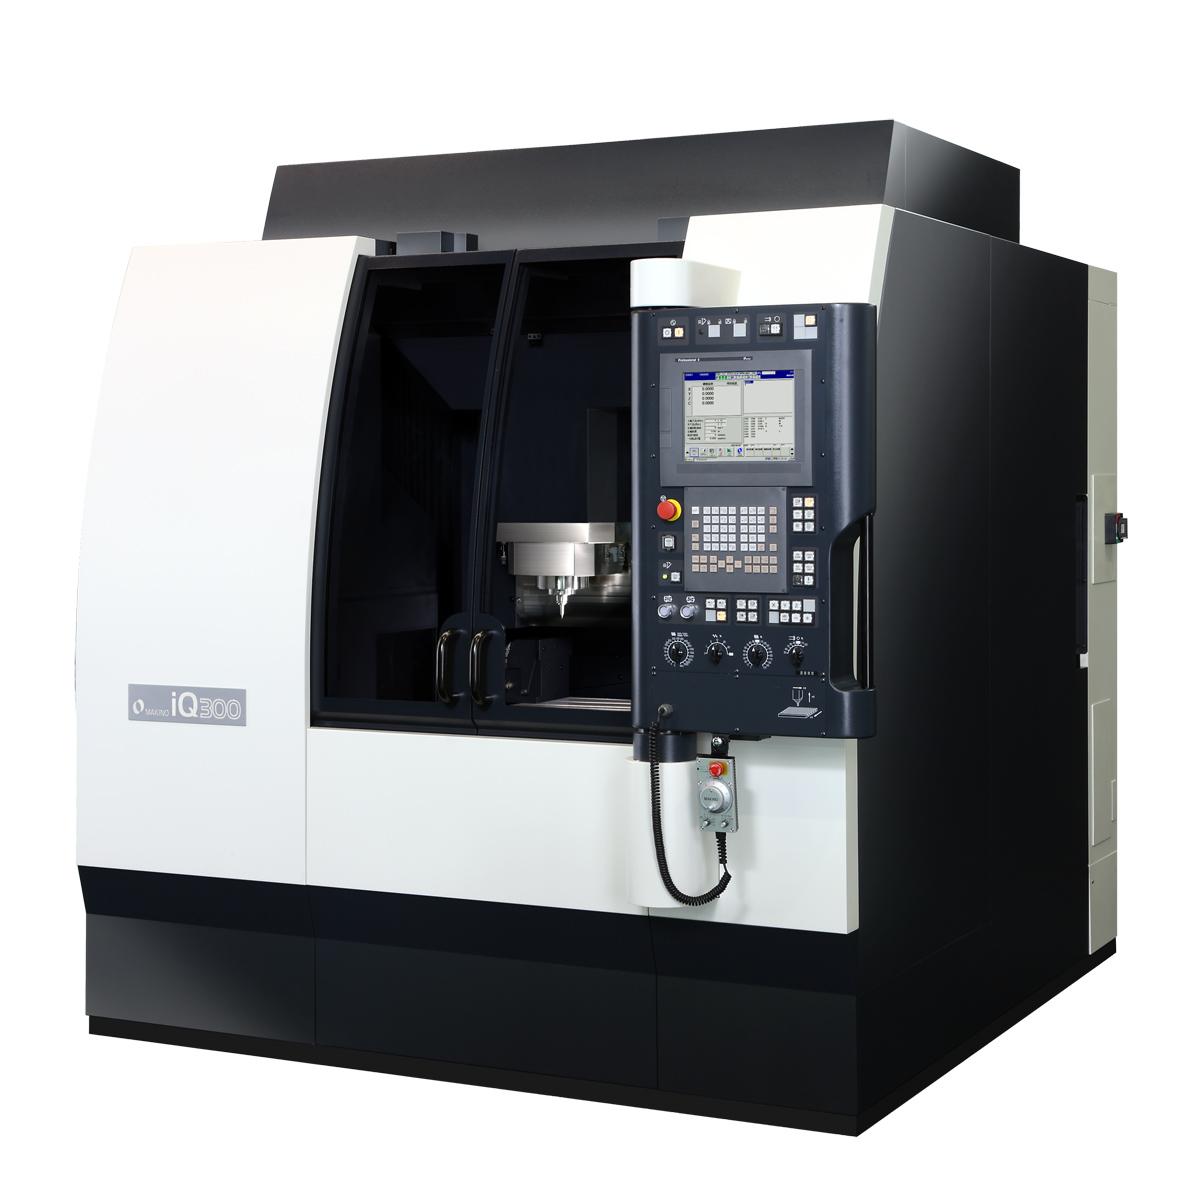 Makino Releases Iq300 Precision Micromachining Center Makino